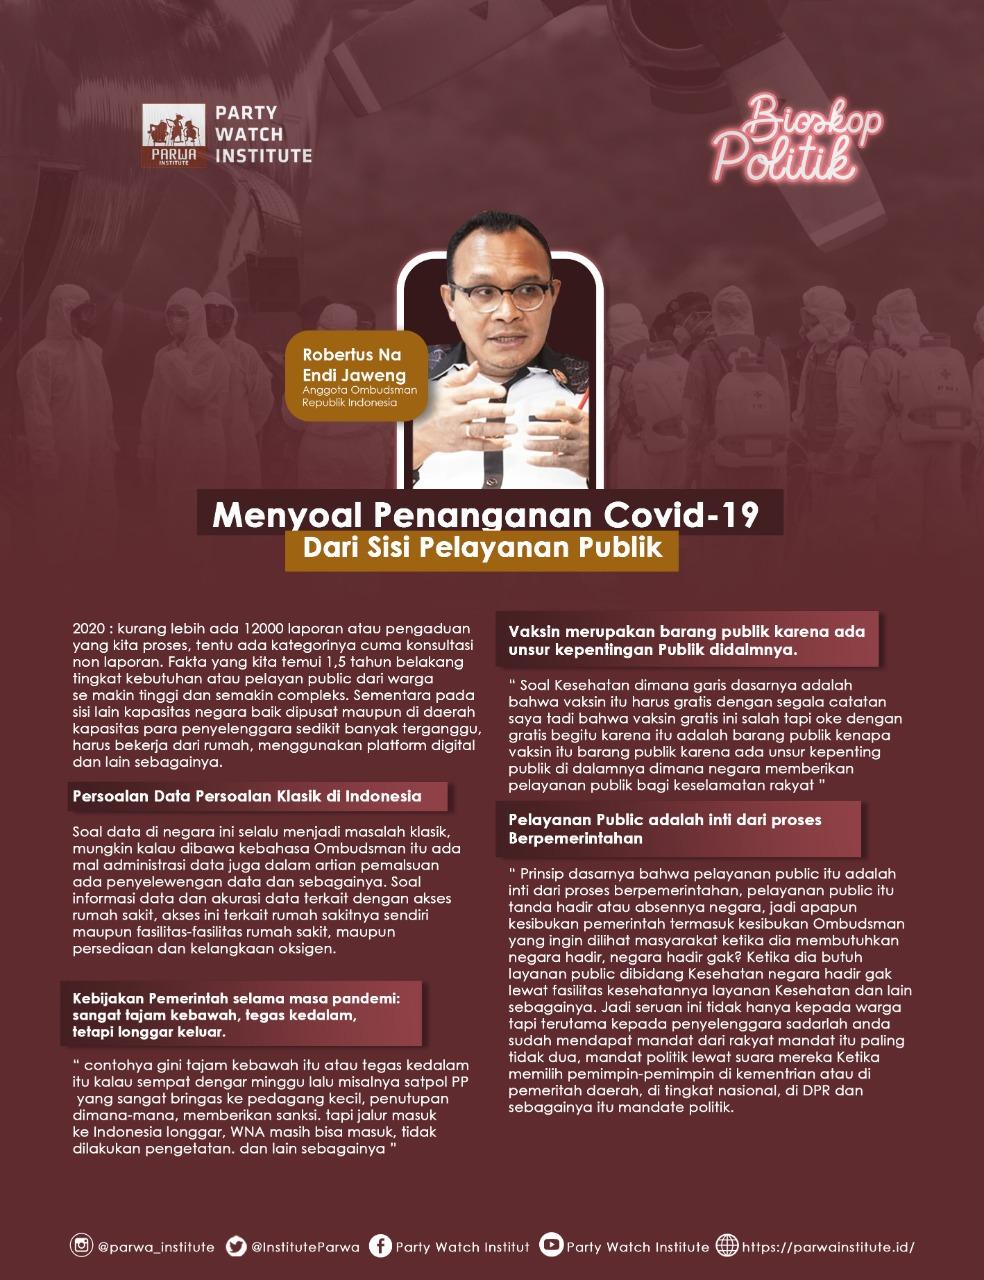 Endi Jaweng Anggota Ombudsman RI ; Menyoal Penanganan Covid-19 dari Sisi Pelayanan Publik